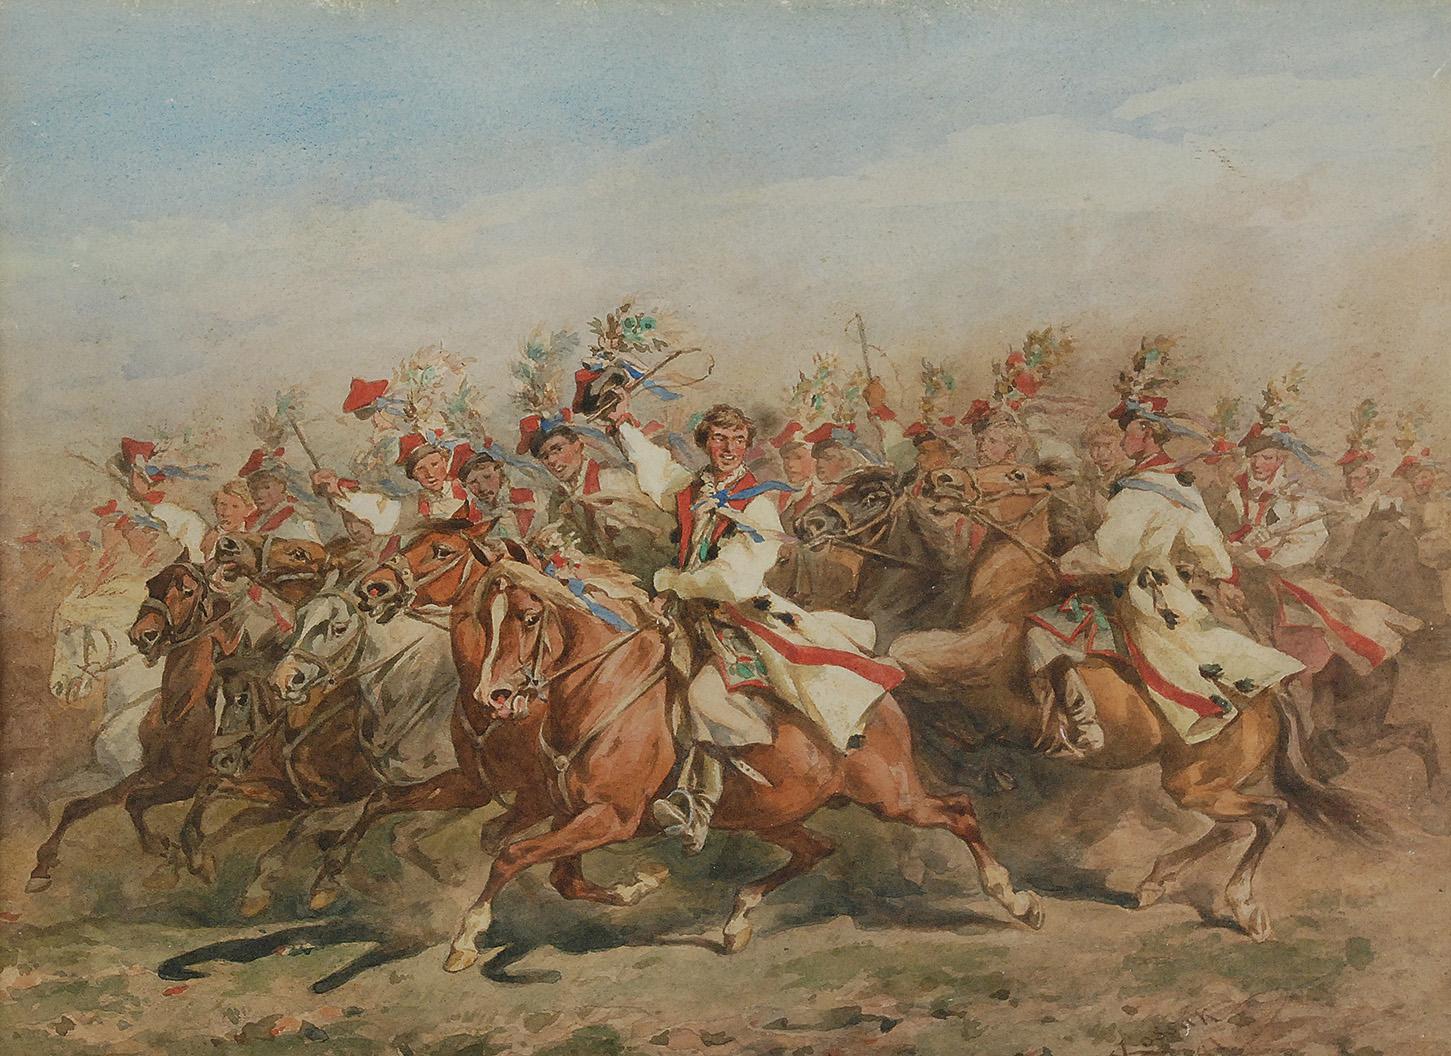 Krakowiacy, 1881